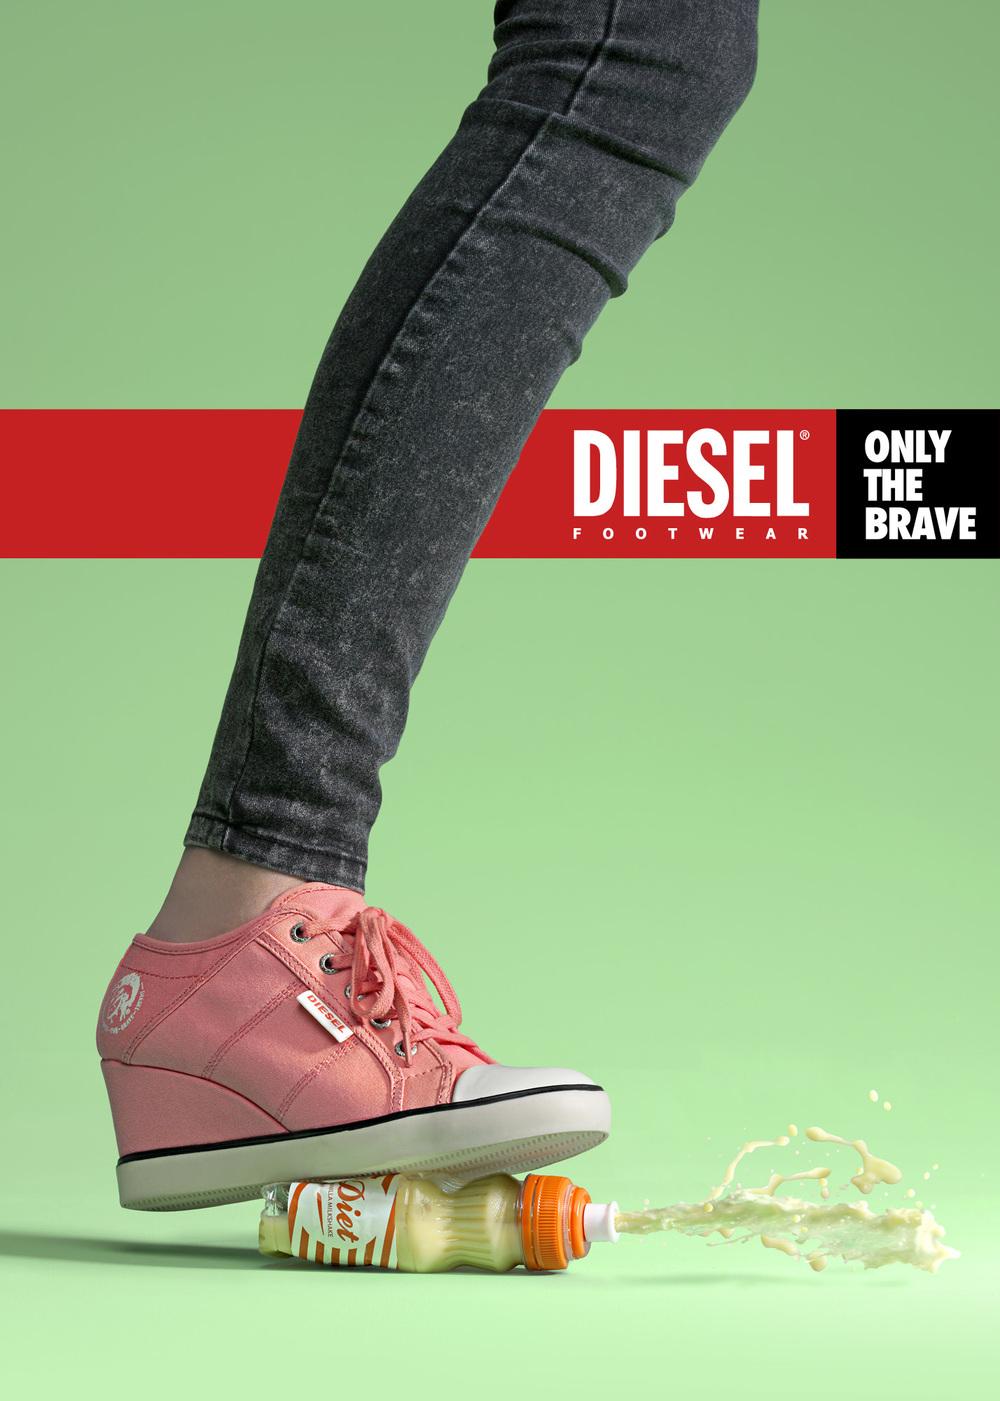 Diesel FOTO 02C_logo 2.jpg